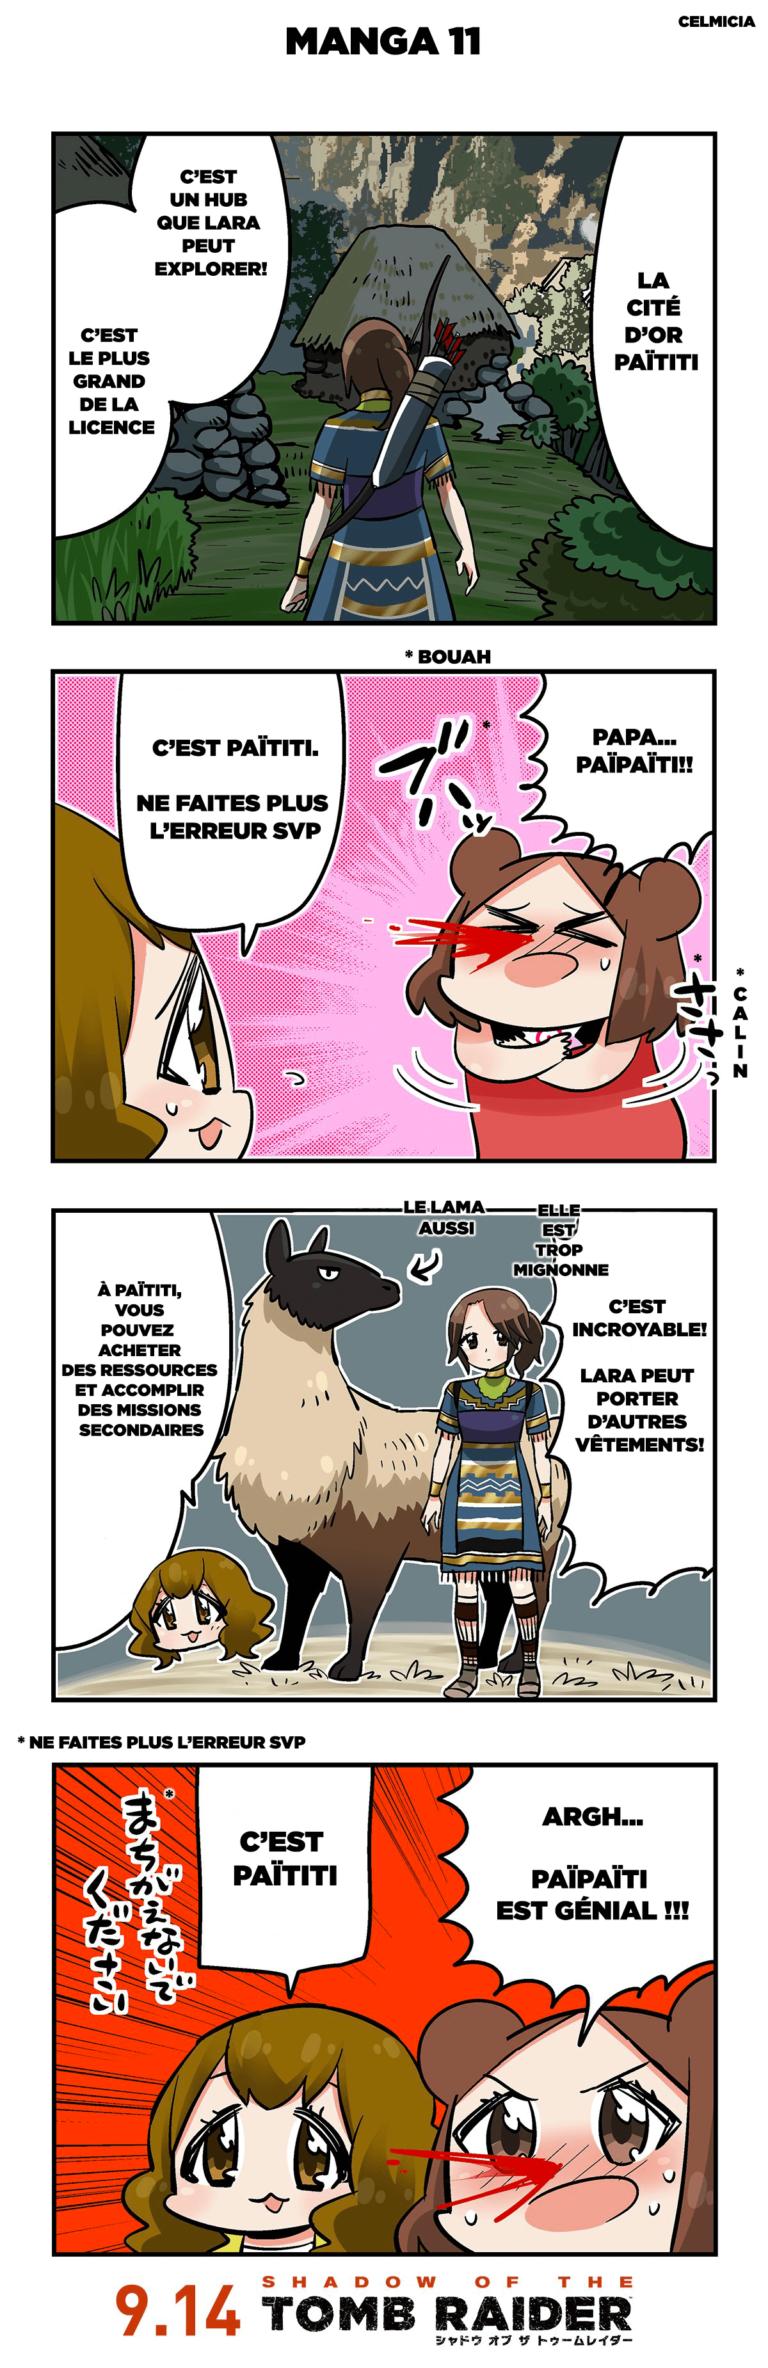 sottr_manga_square_enix_jp_11_opti